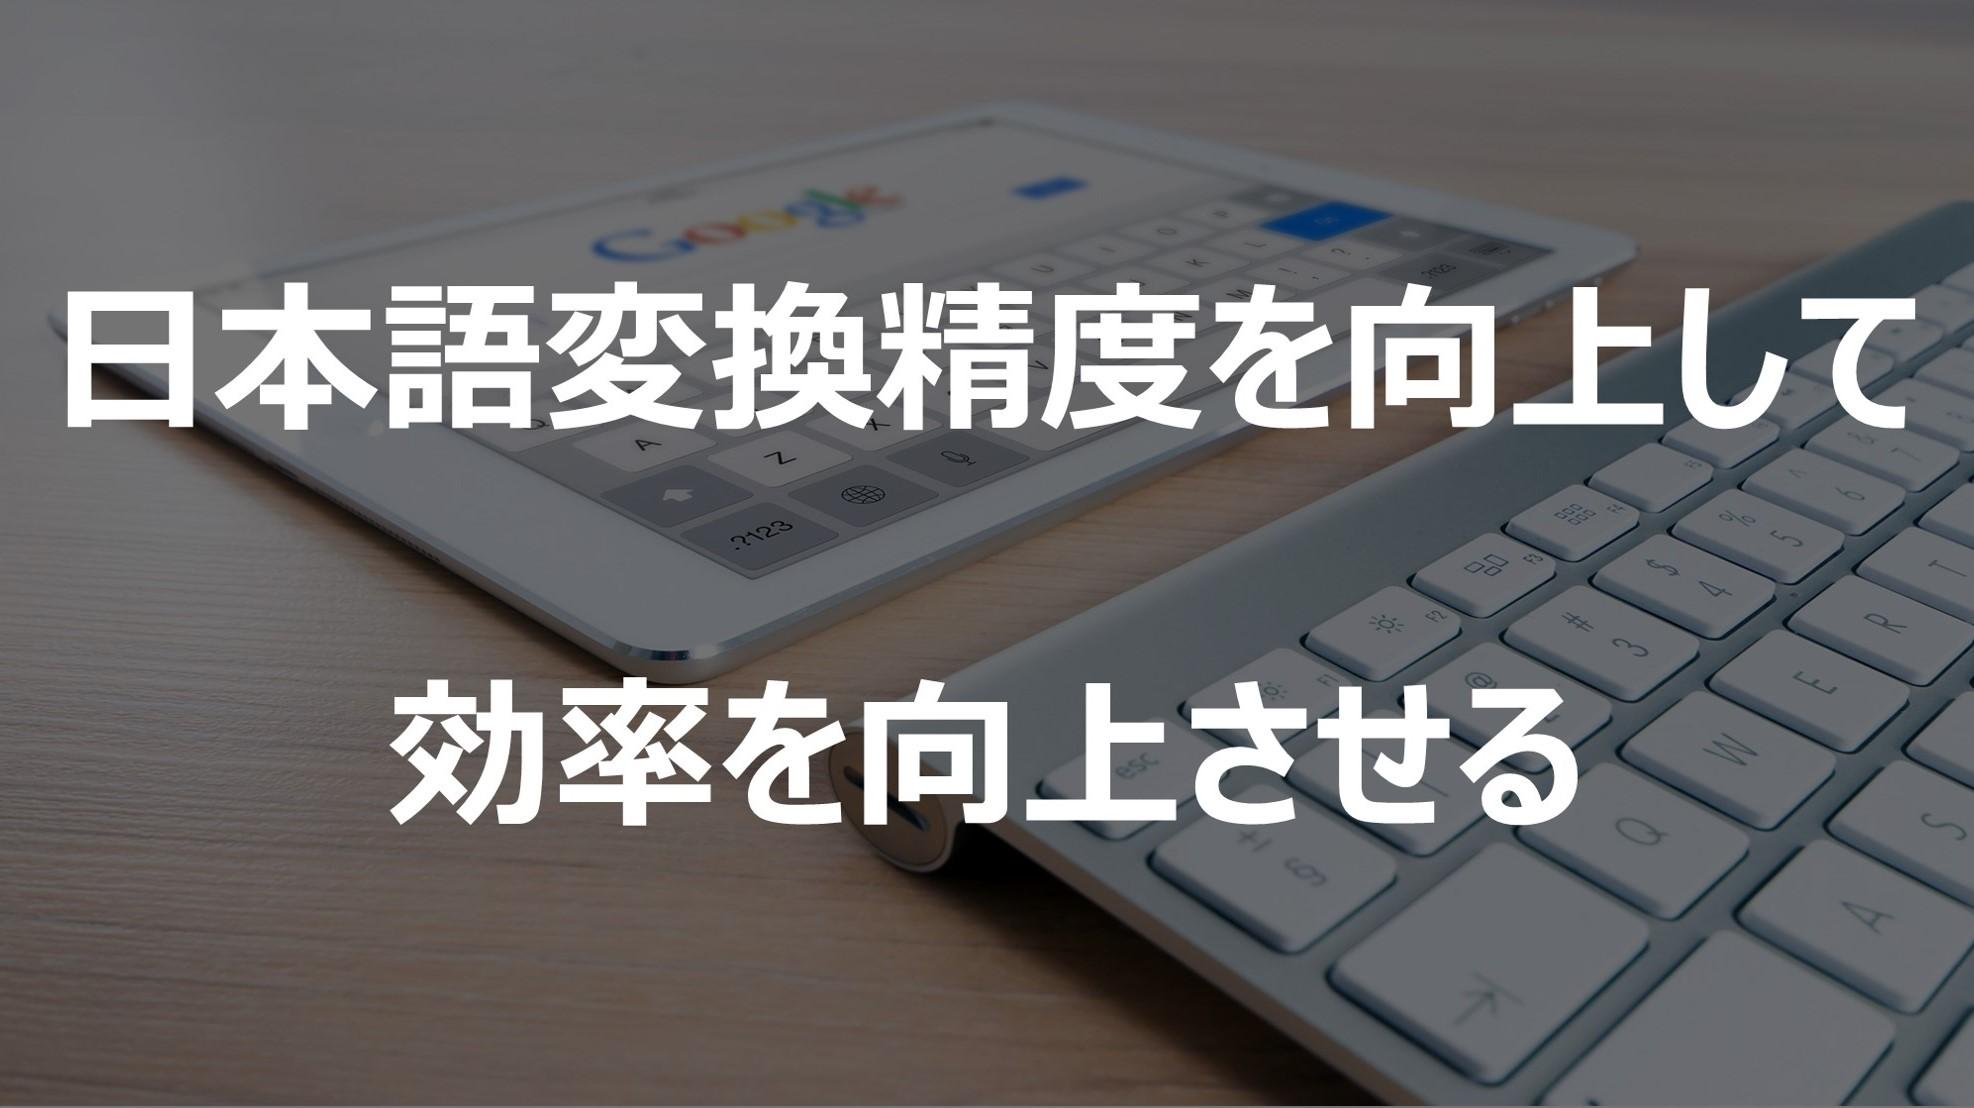 効率的な入力を!Google日本語入力のインストールと設定方法